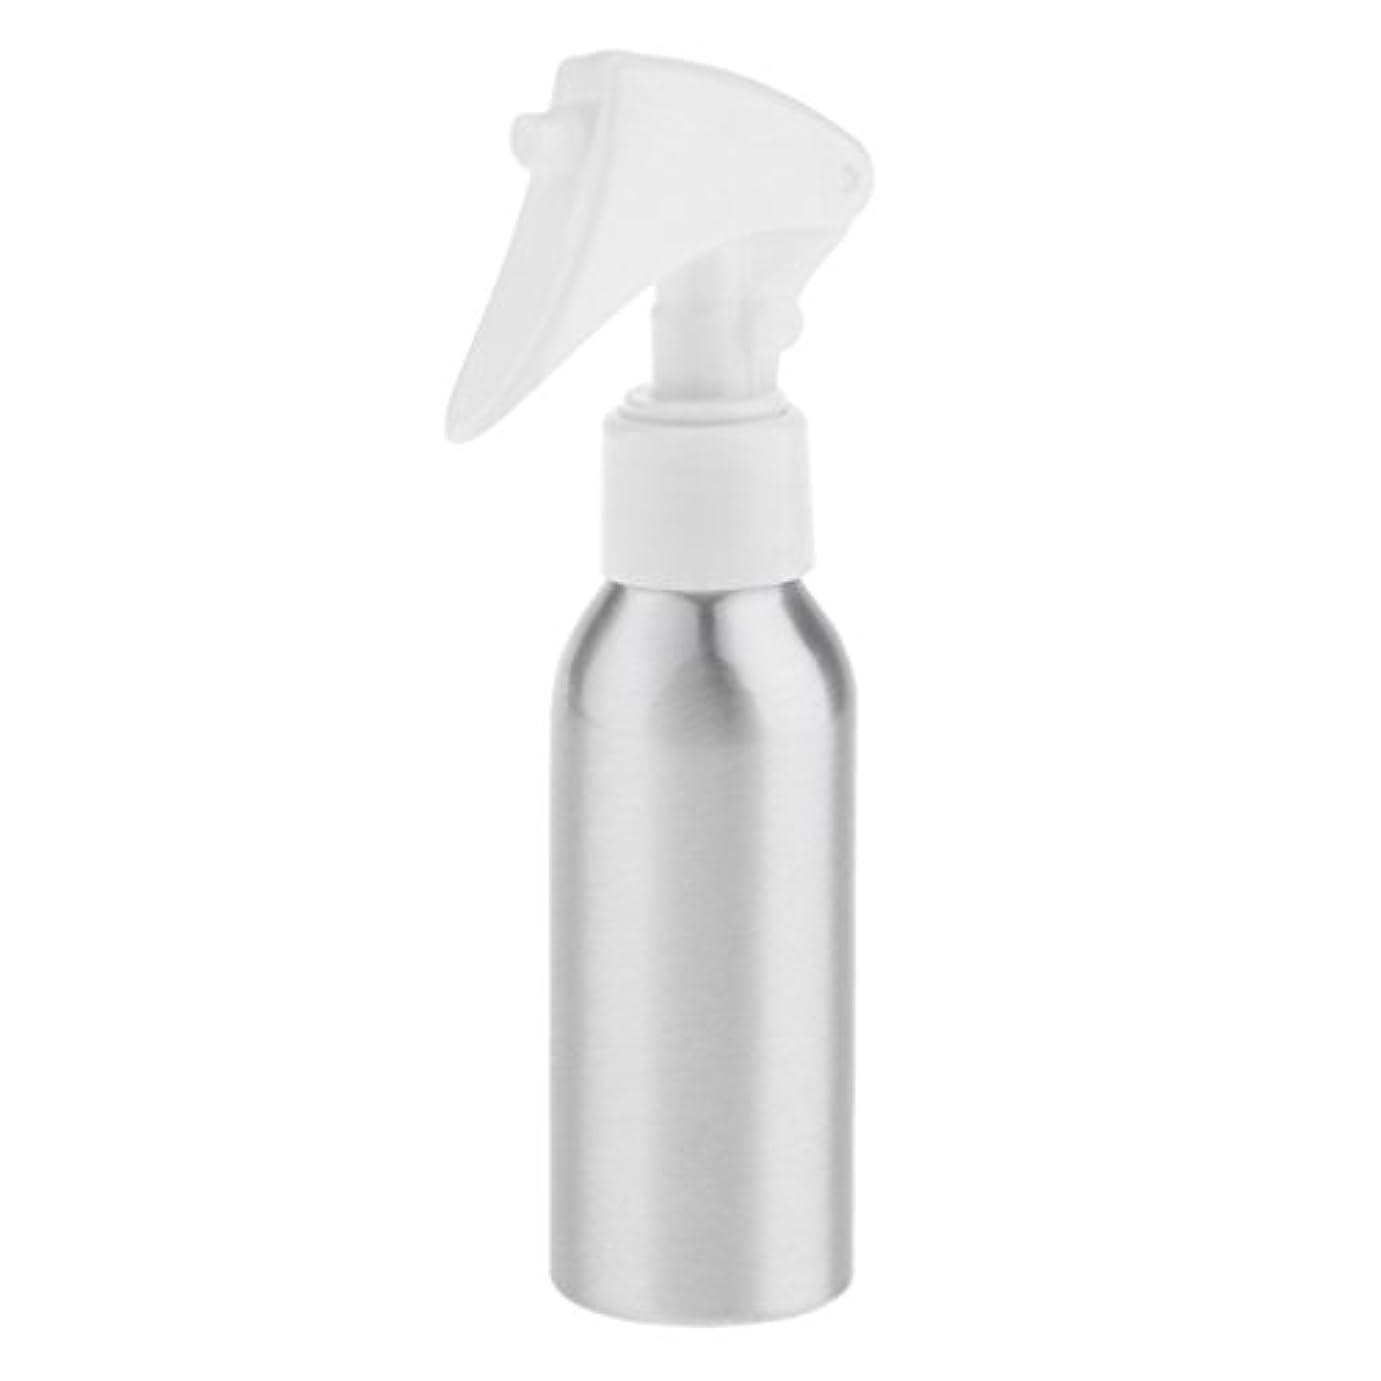 一時解雇する予言する足音スプレーボトル - 空の詰め替え式の容器は精油、クリーニング製品、自家製の洗剤、アロマテラピー、水とミストプラント、そしてクリーニング用の酢の混合物に最適 - 120ML